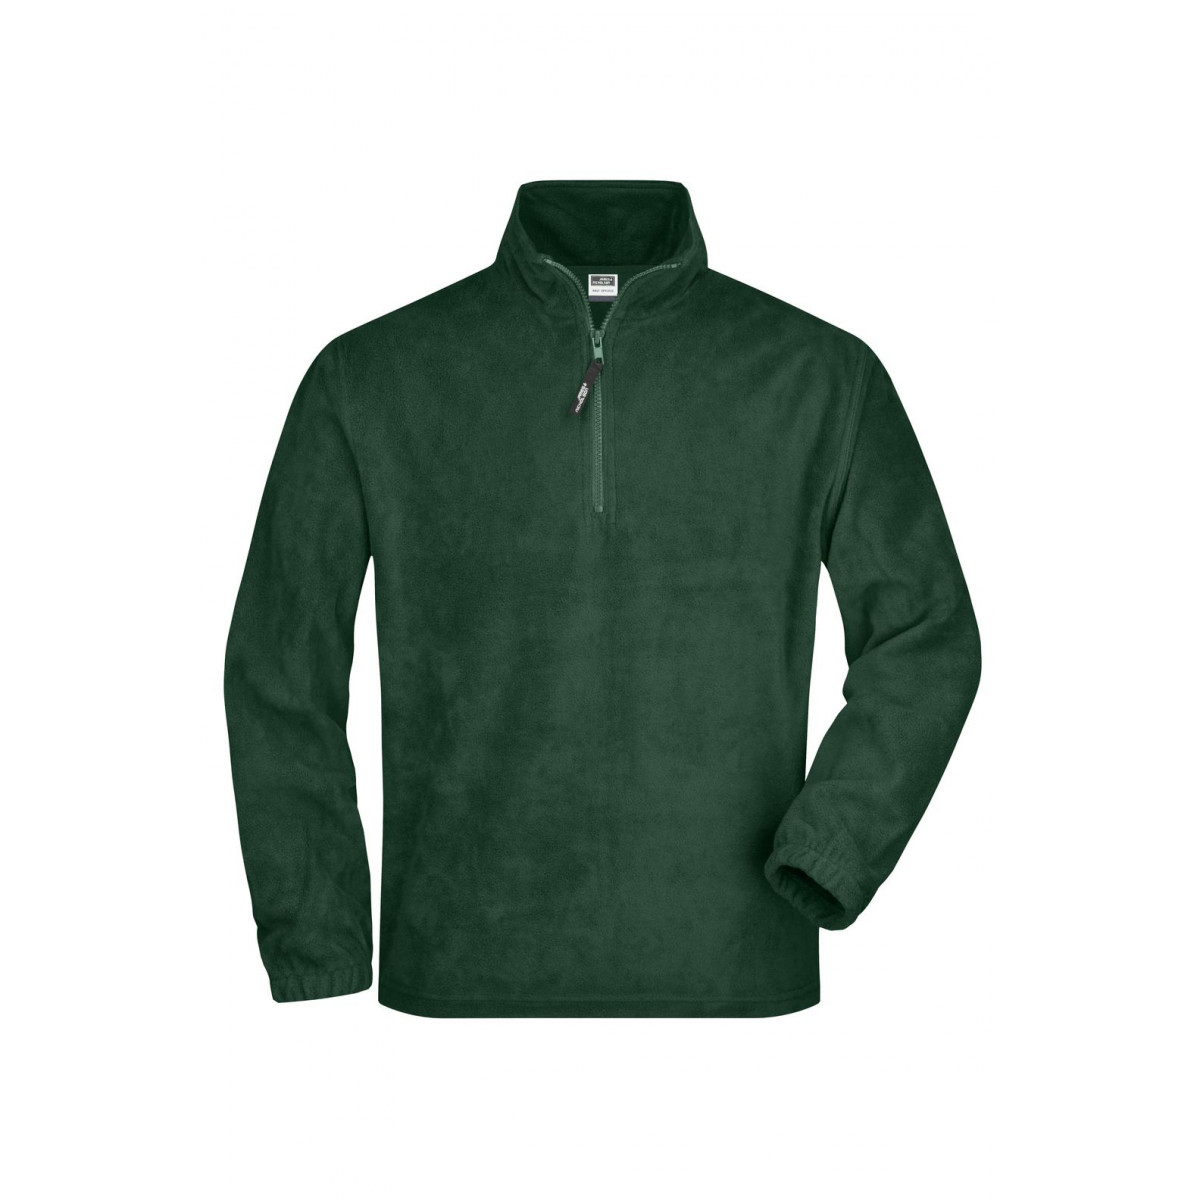 Толстовка мужская JN043 Half-Zip Fleece - Темно-зеленый